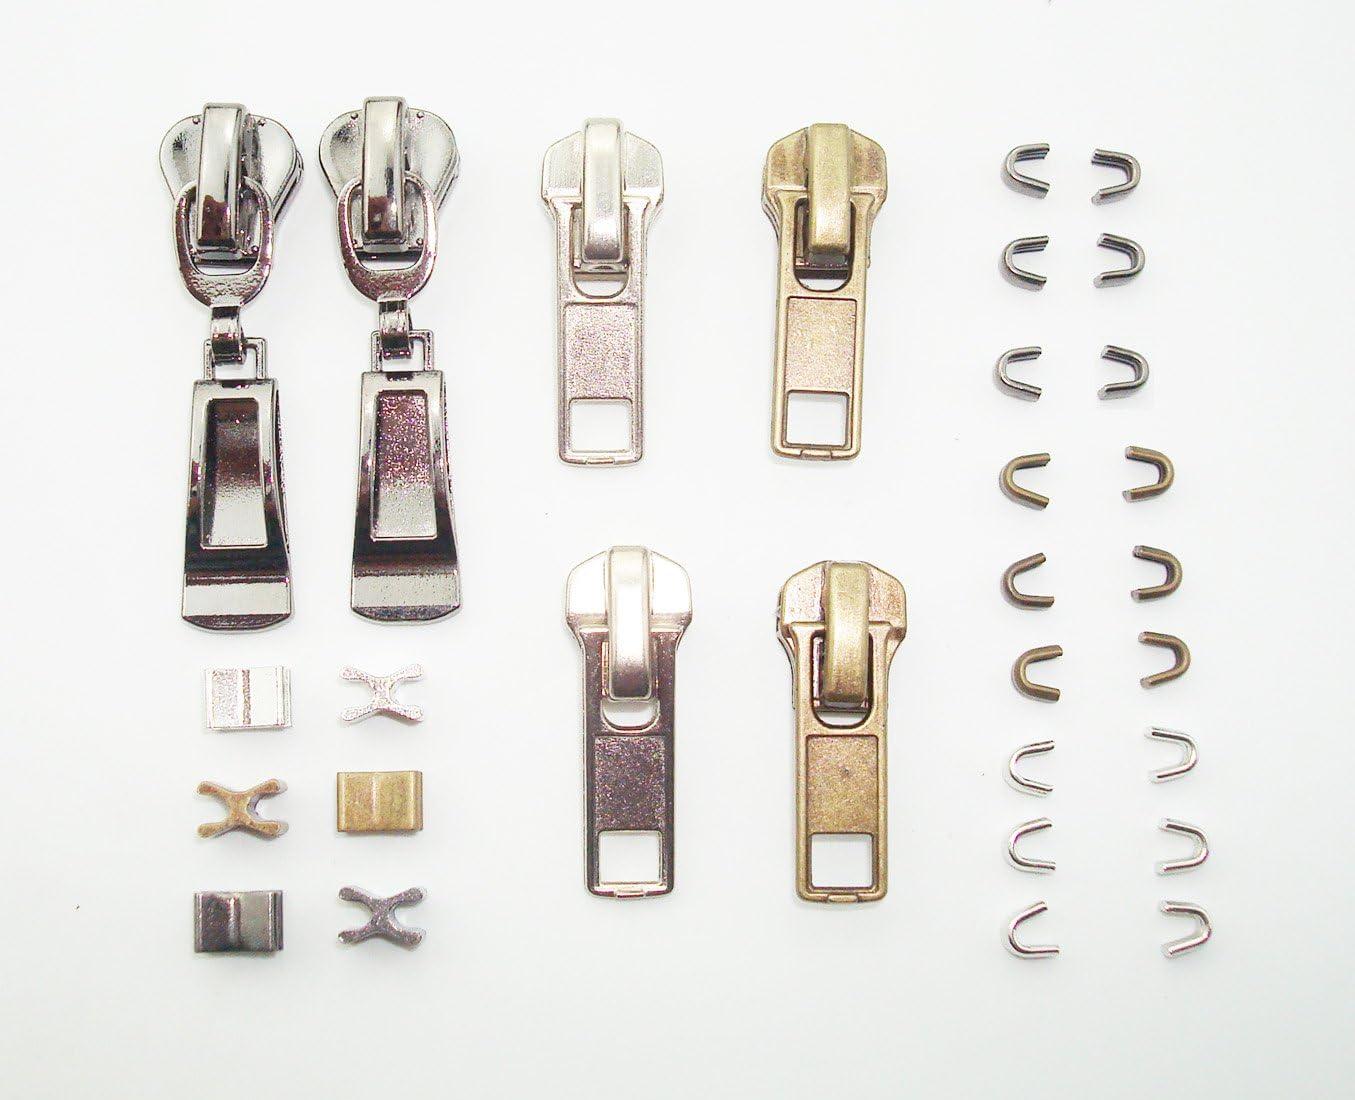 Réparer A Zipper Lot de 6 Fermeture éclair Sauvetage Instant Kit De Réparation